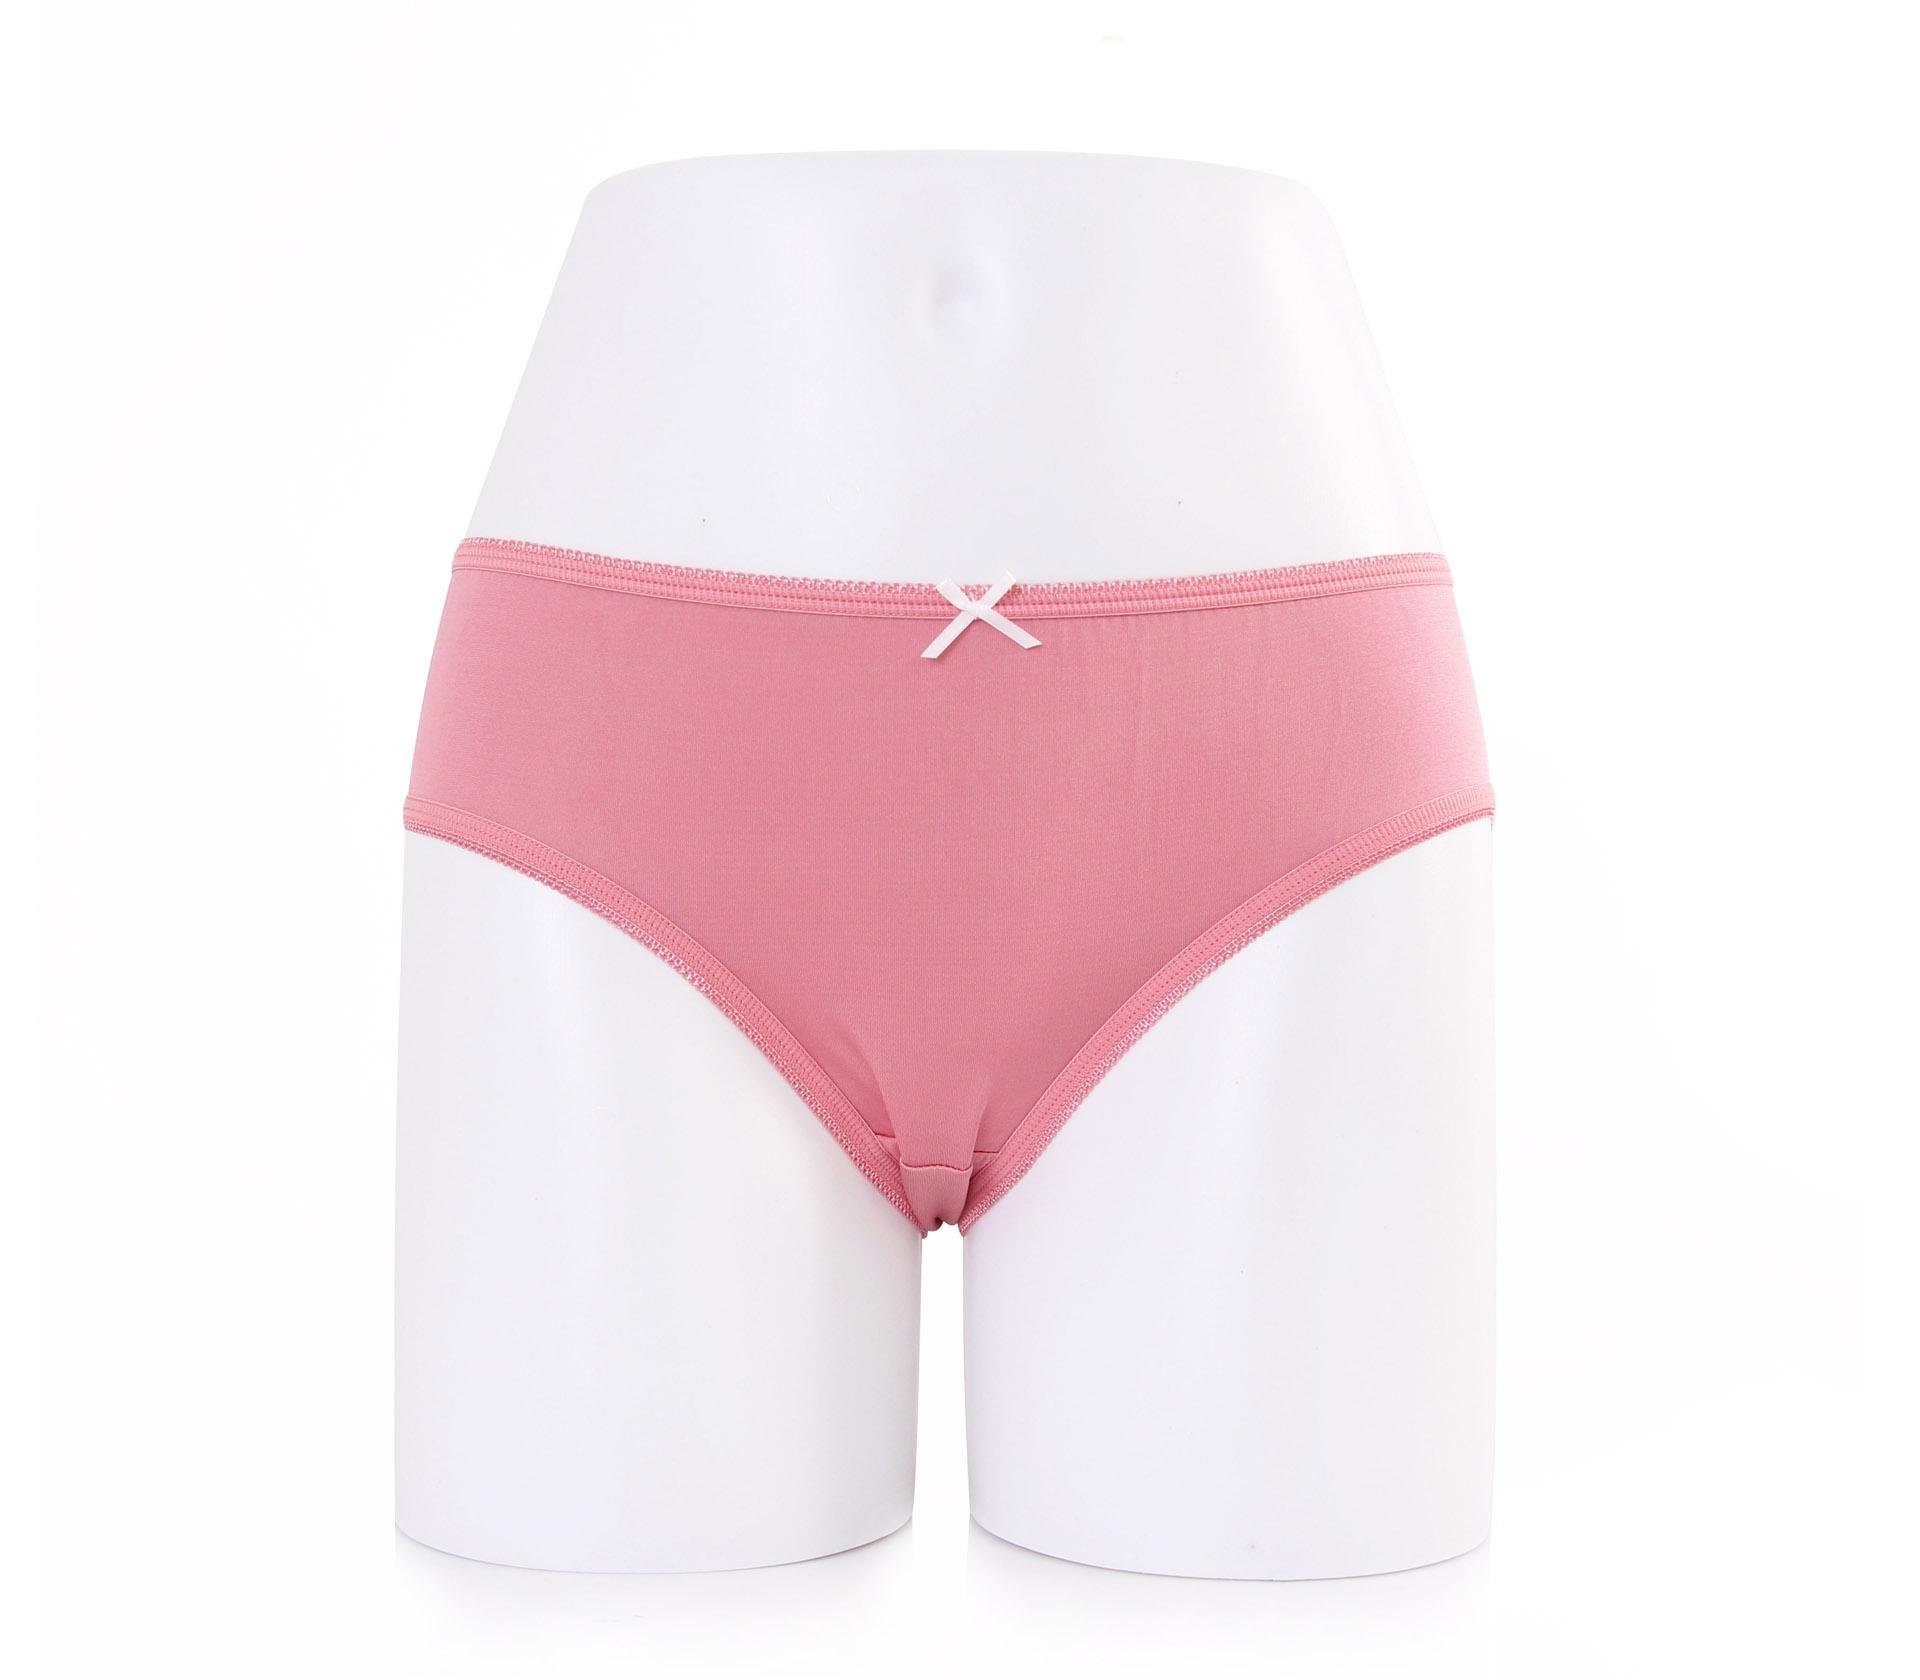 闕蘭絹可愛粉嫩30針100%蠶絲內褲-2221(粉)